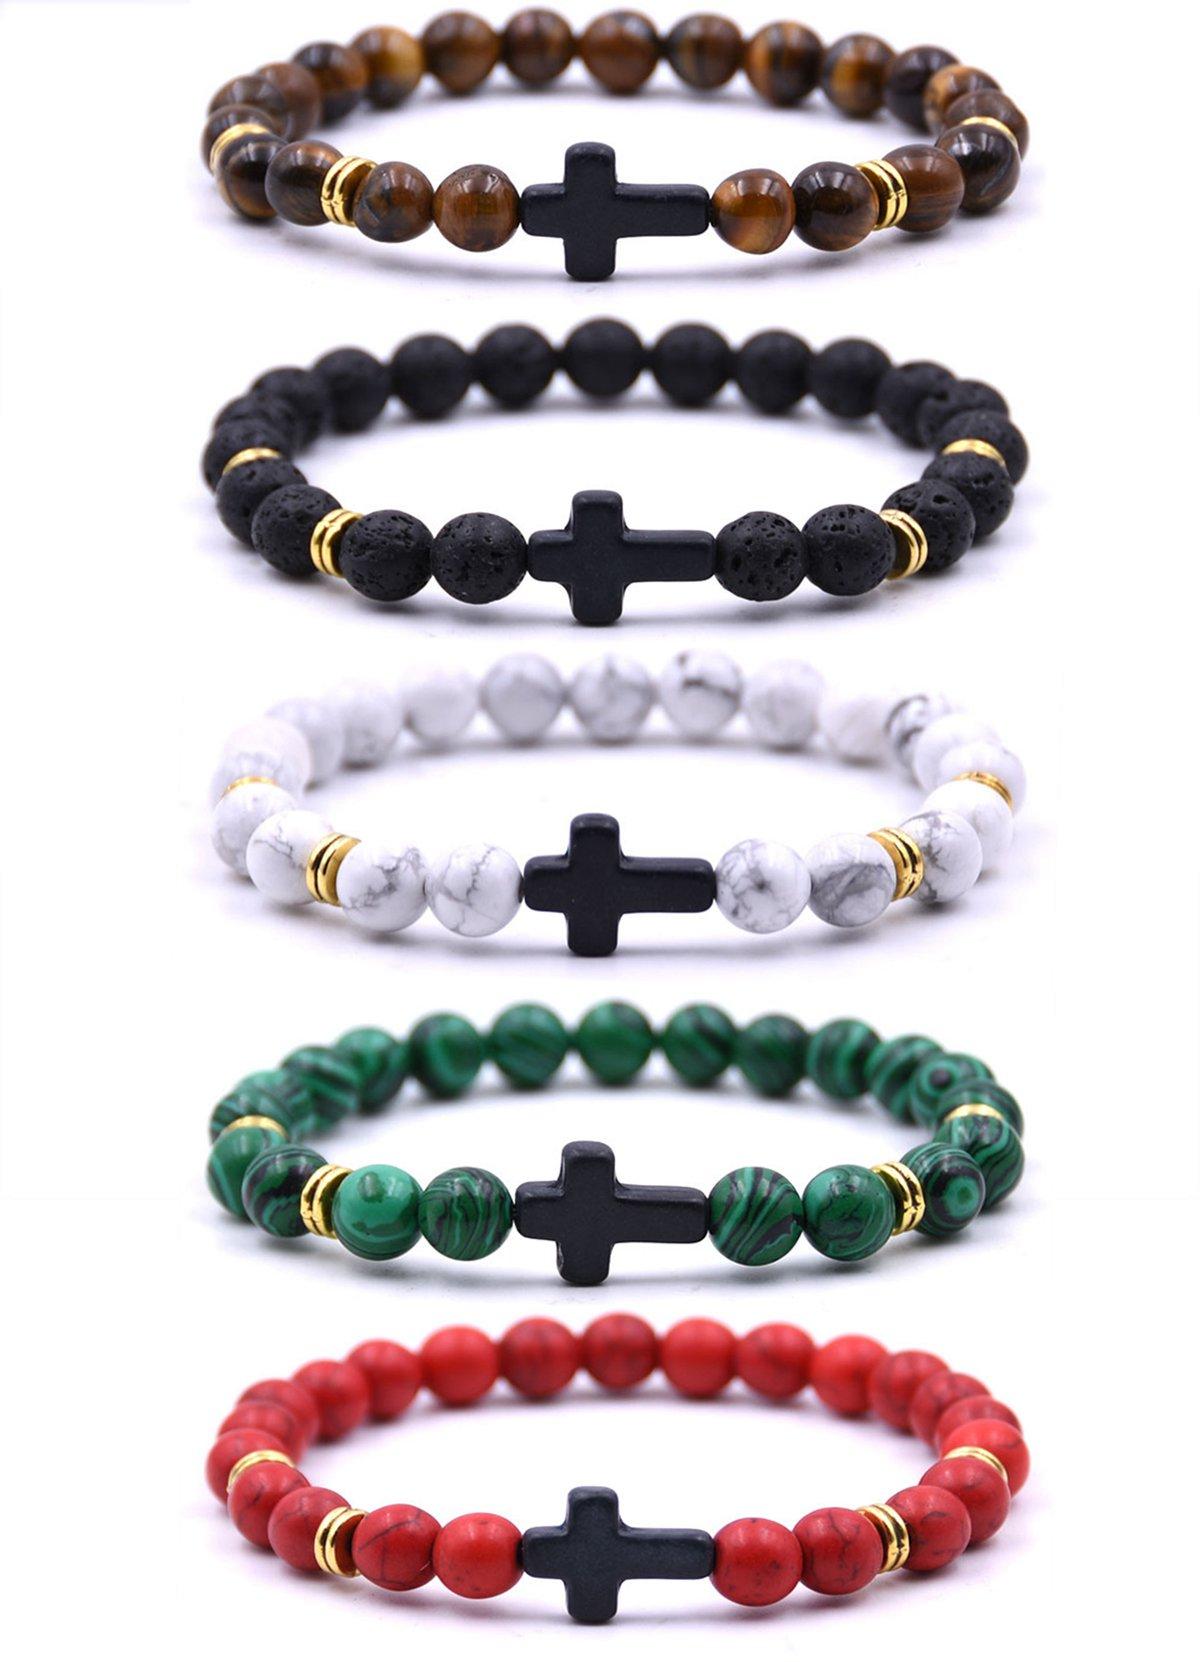 EVELICAL 5Pcs Bead Bracelet for Men Women Lava Rock Stone Cross Bracelet Elastic by EVELICAL